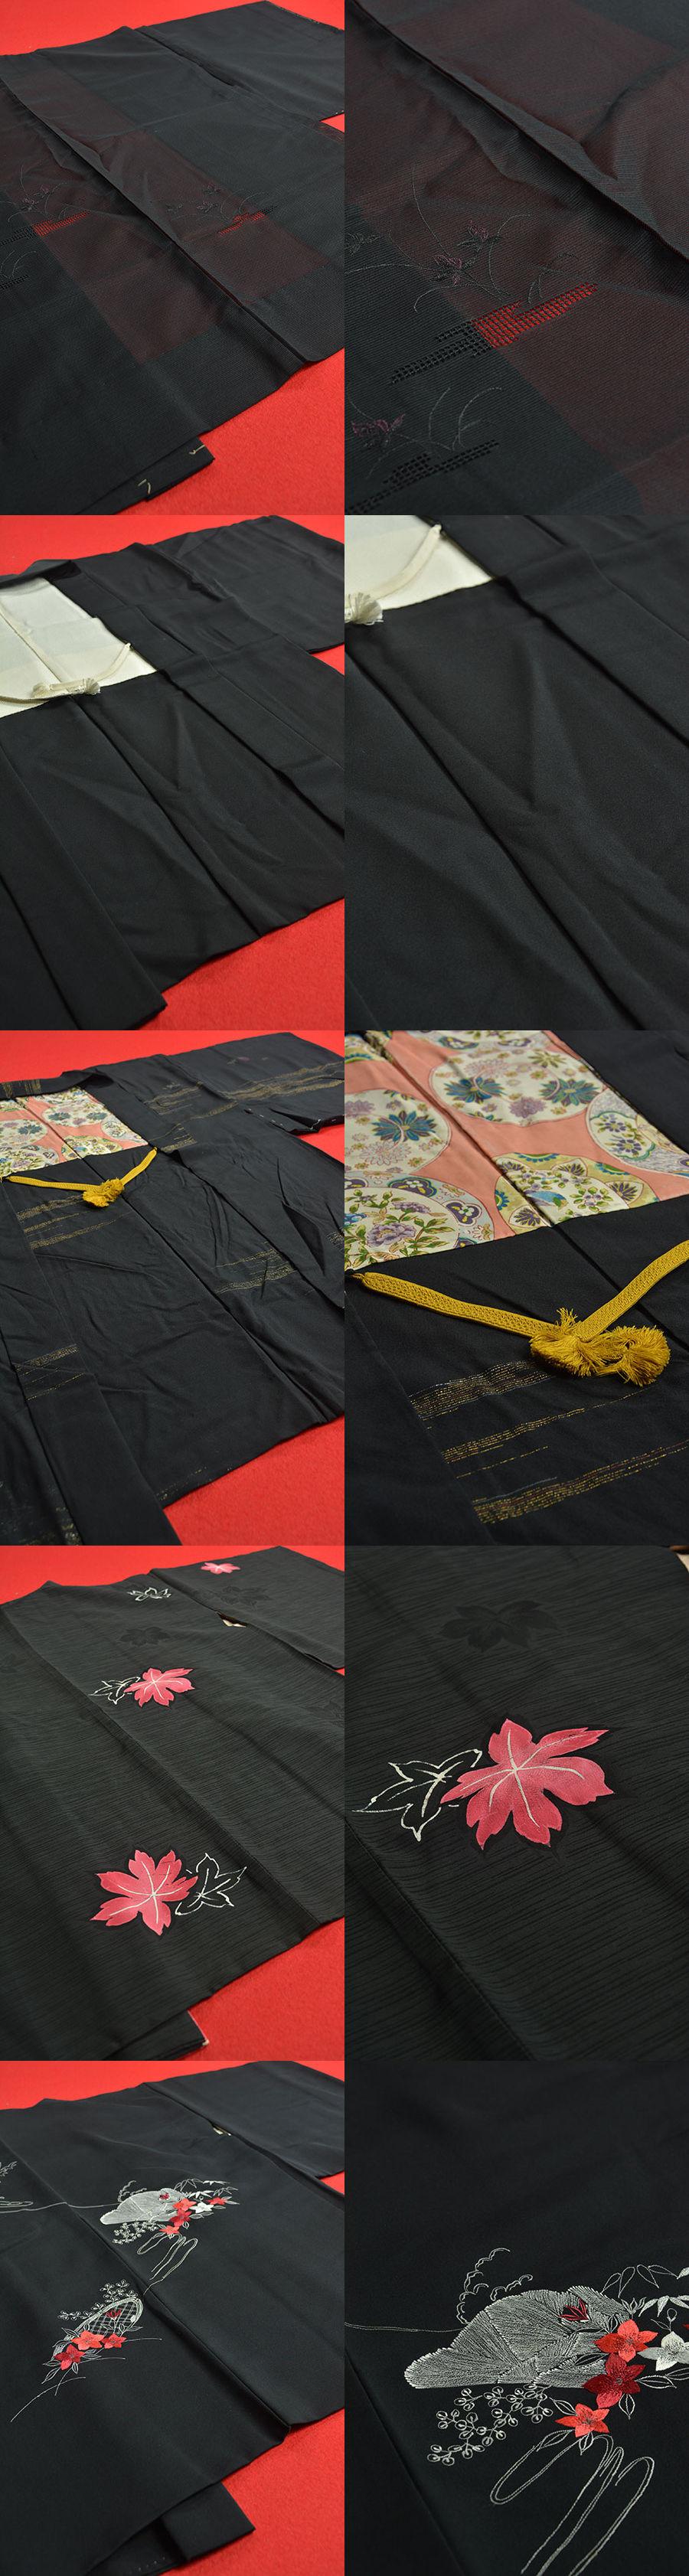 中古着物・古布・リメイク用素材・アンティーク着物販売